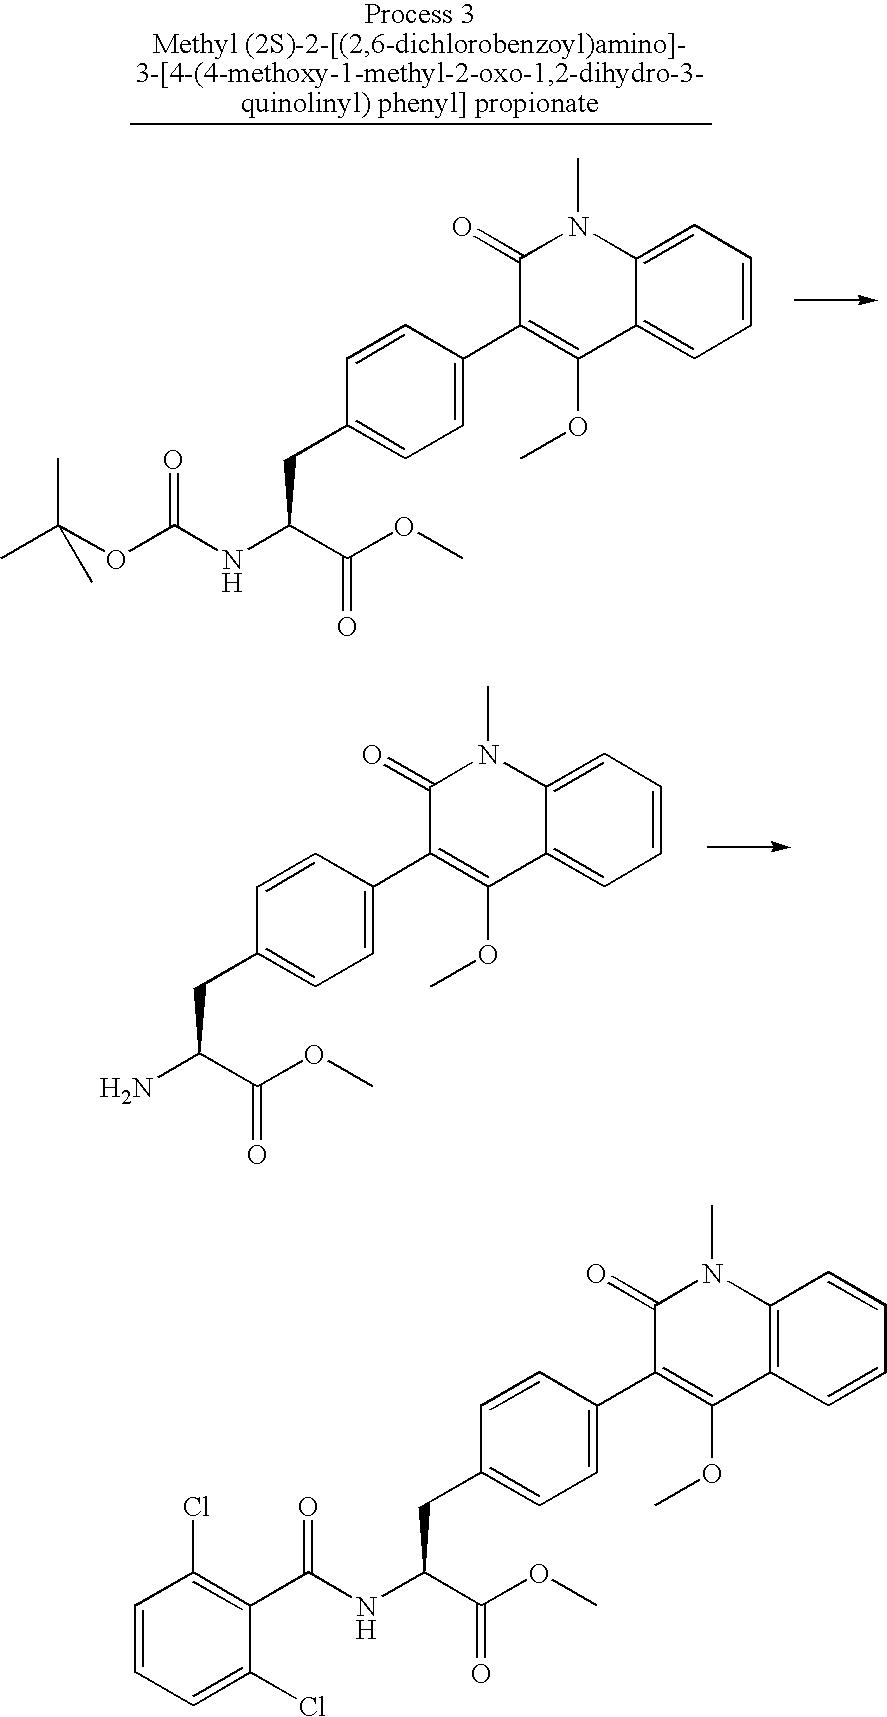 Figure US20040235848A1-20041125-C00026